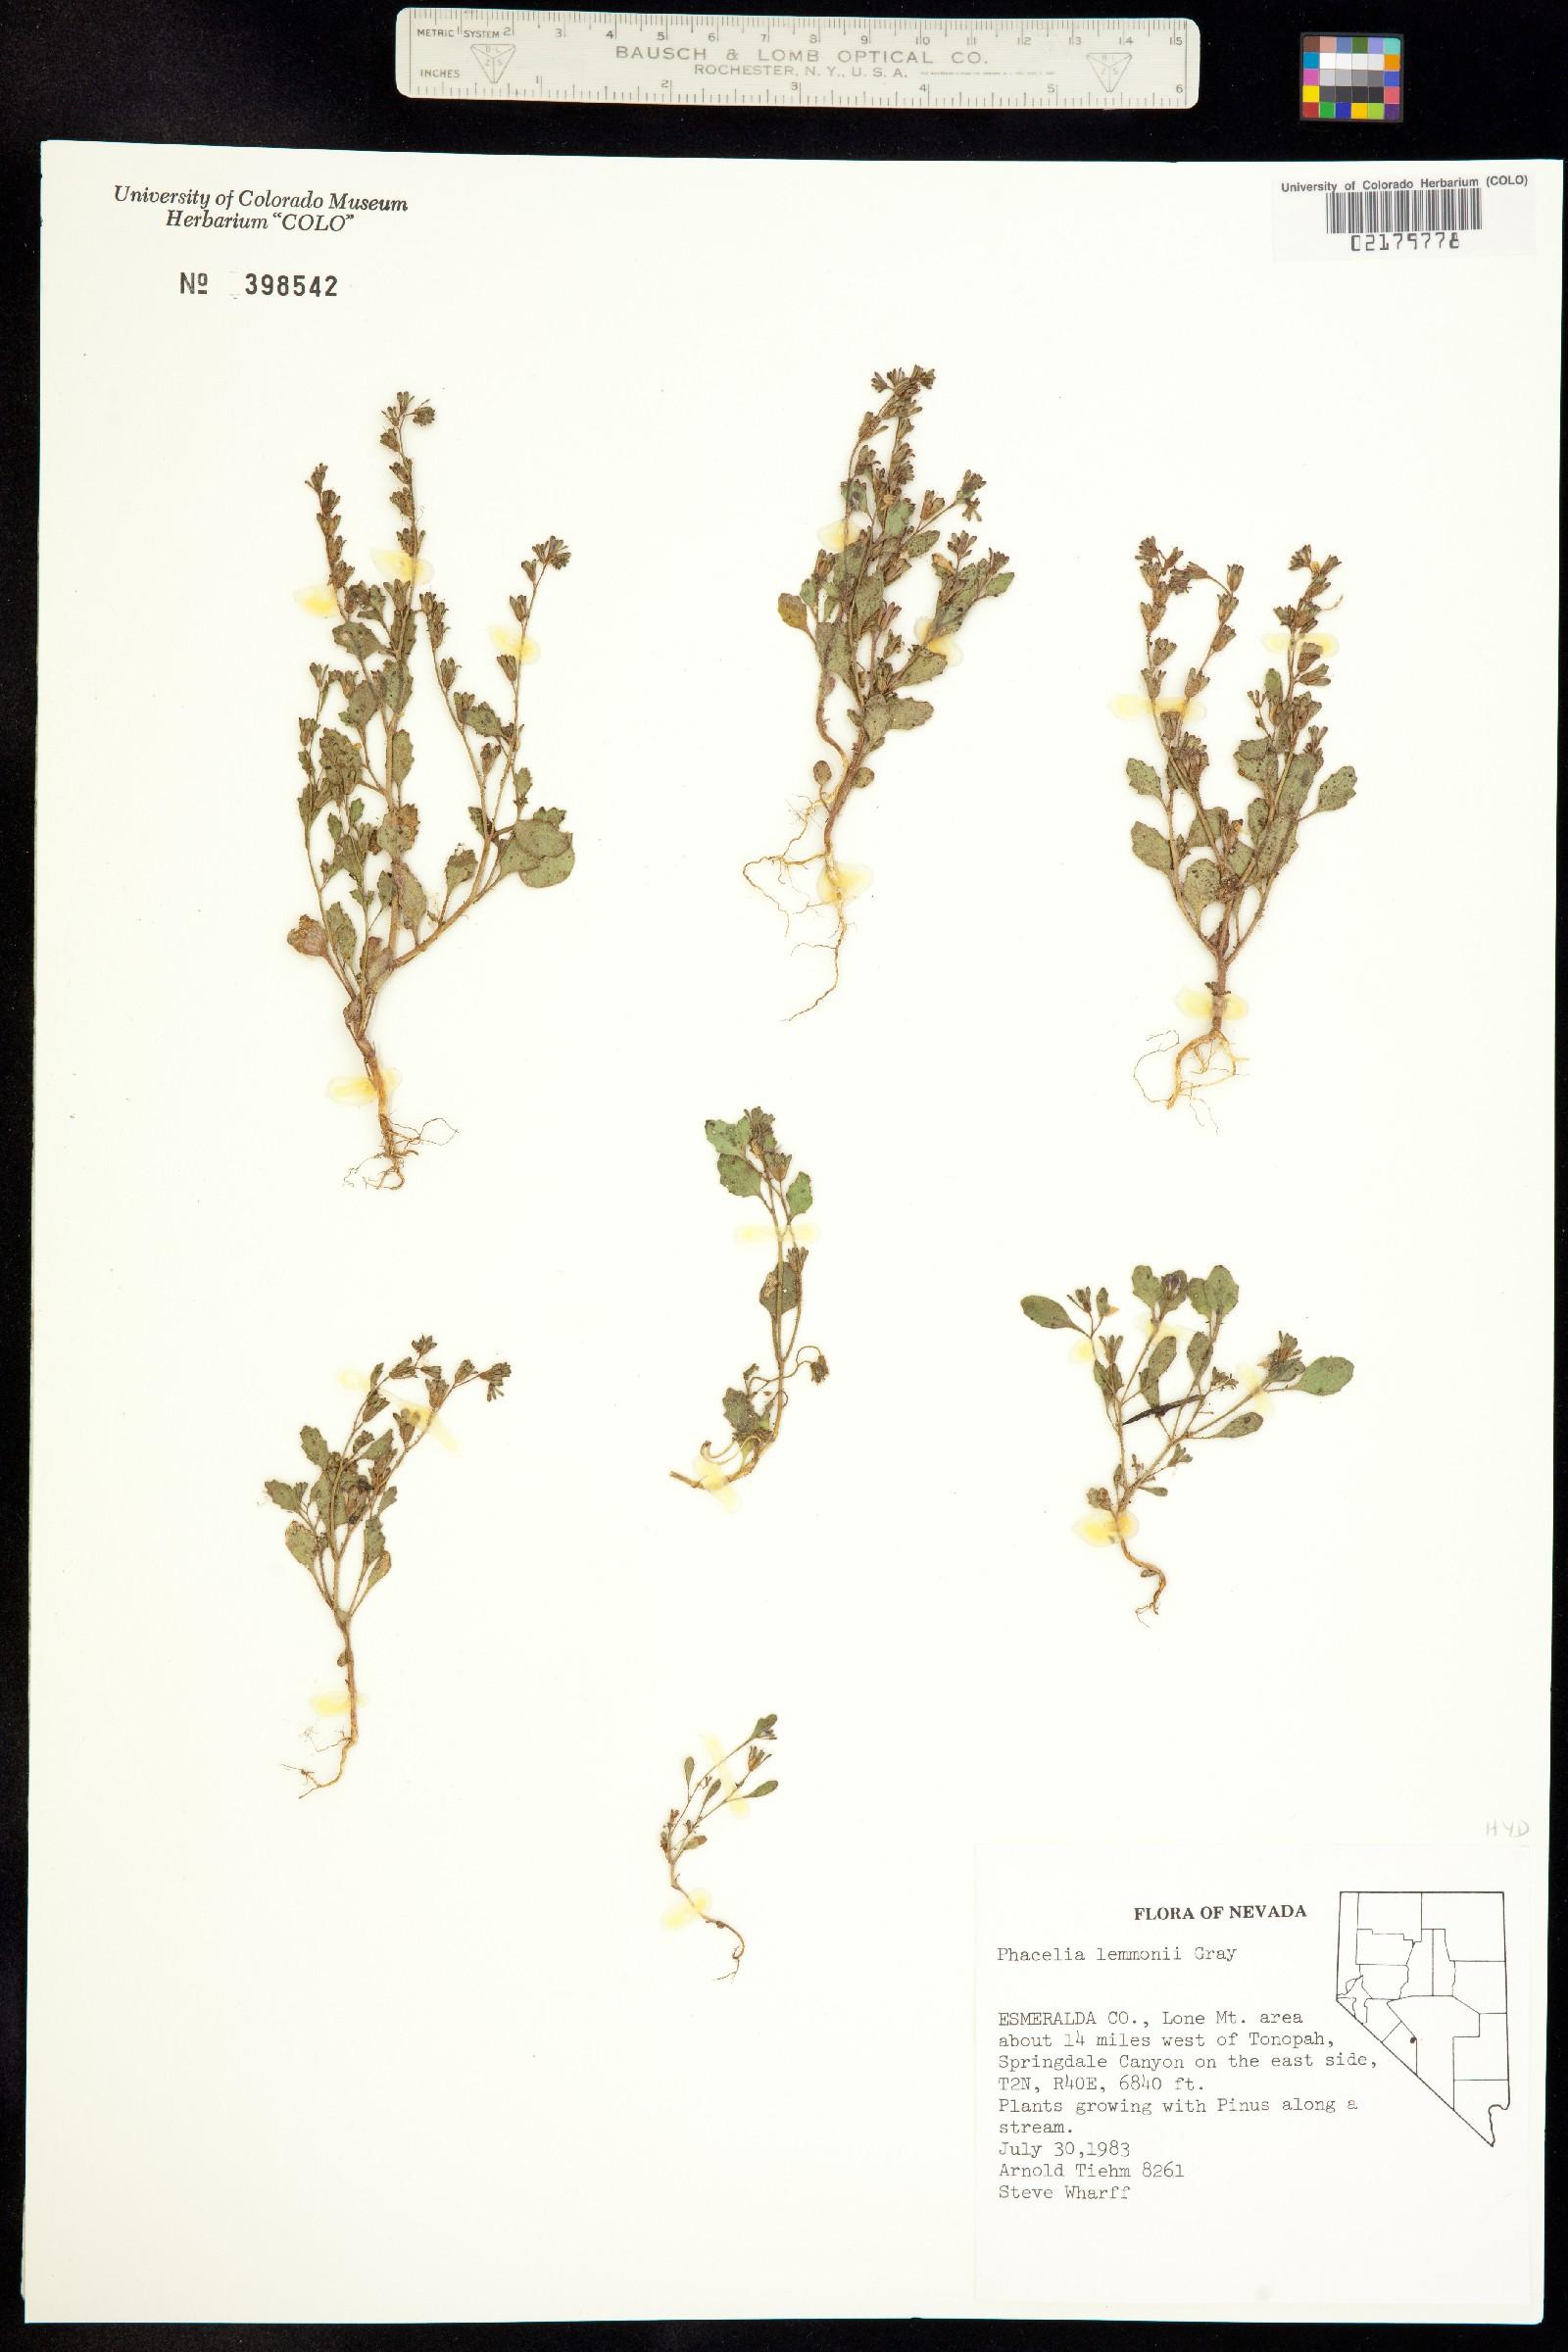 Phacelia lemmonii image